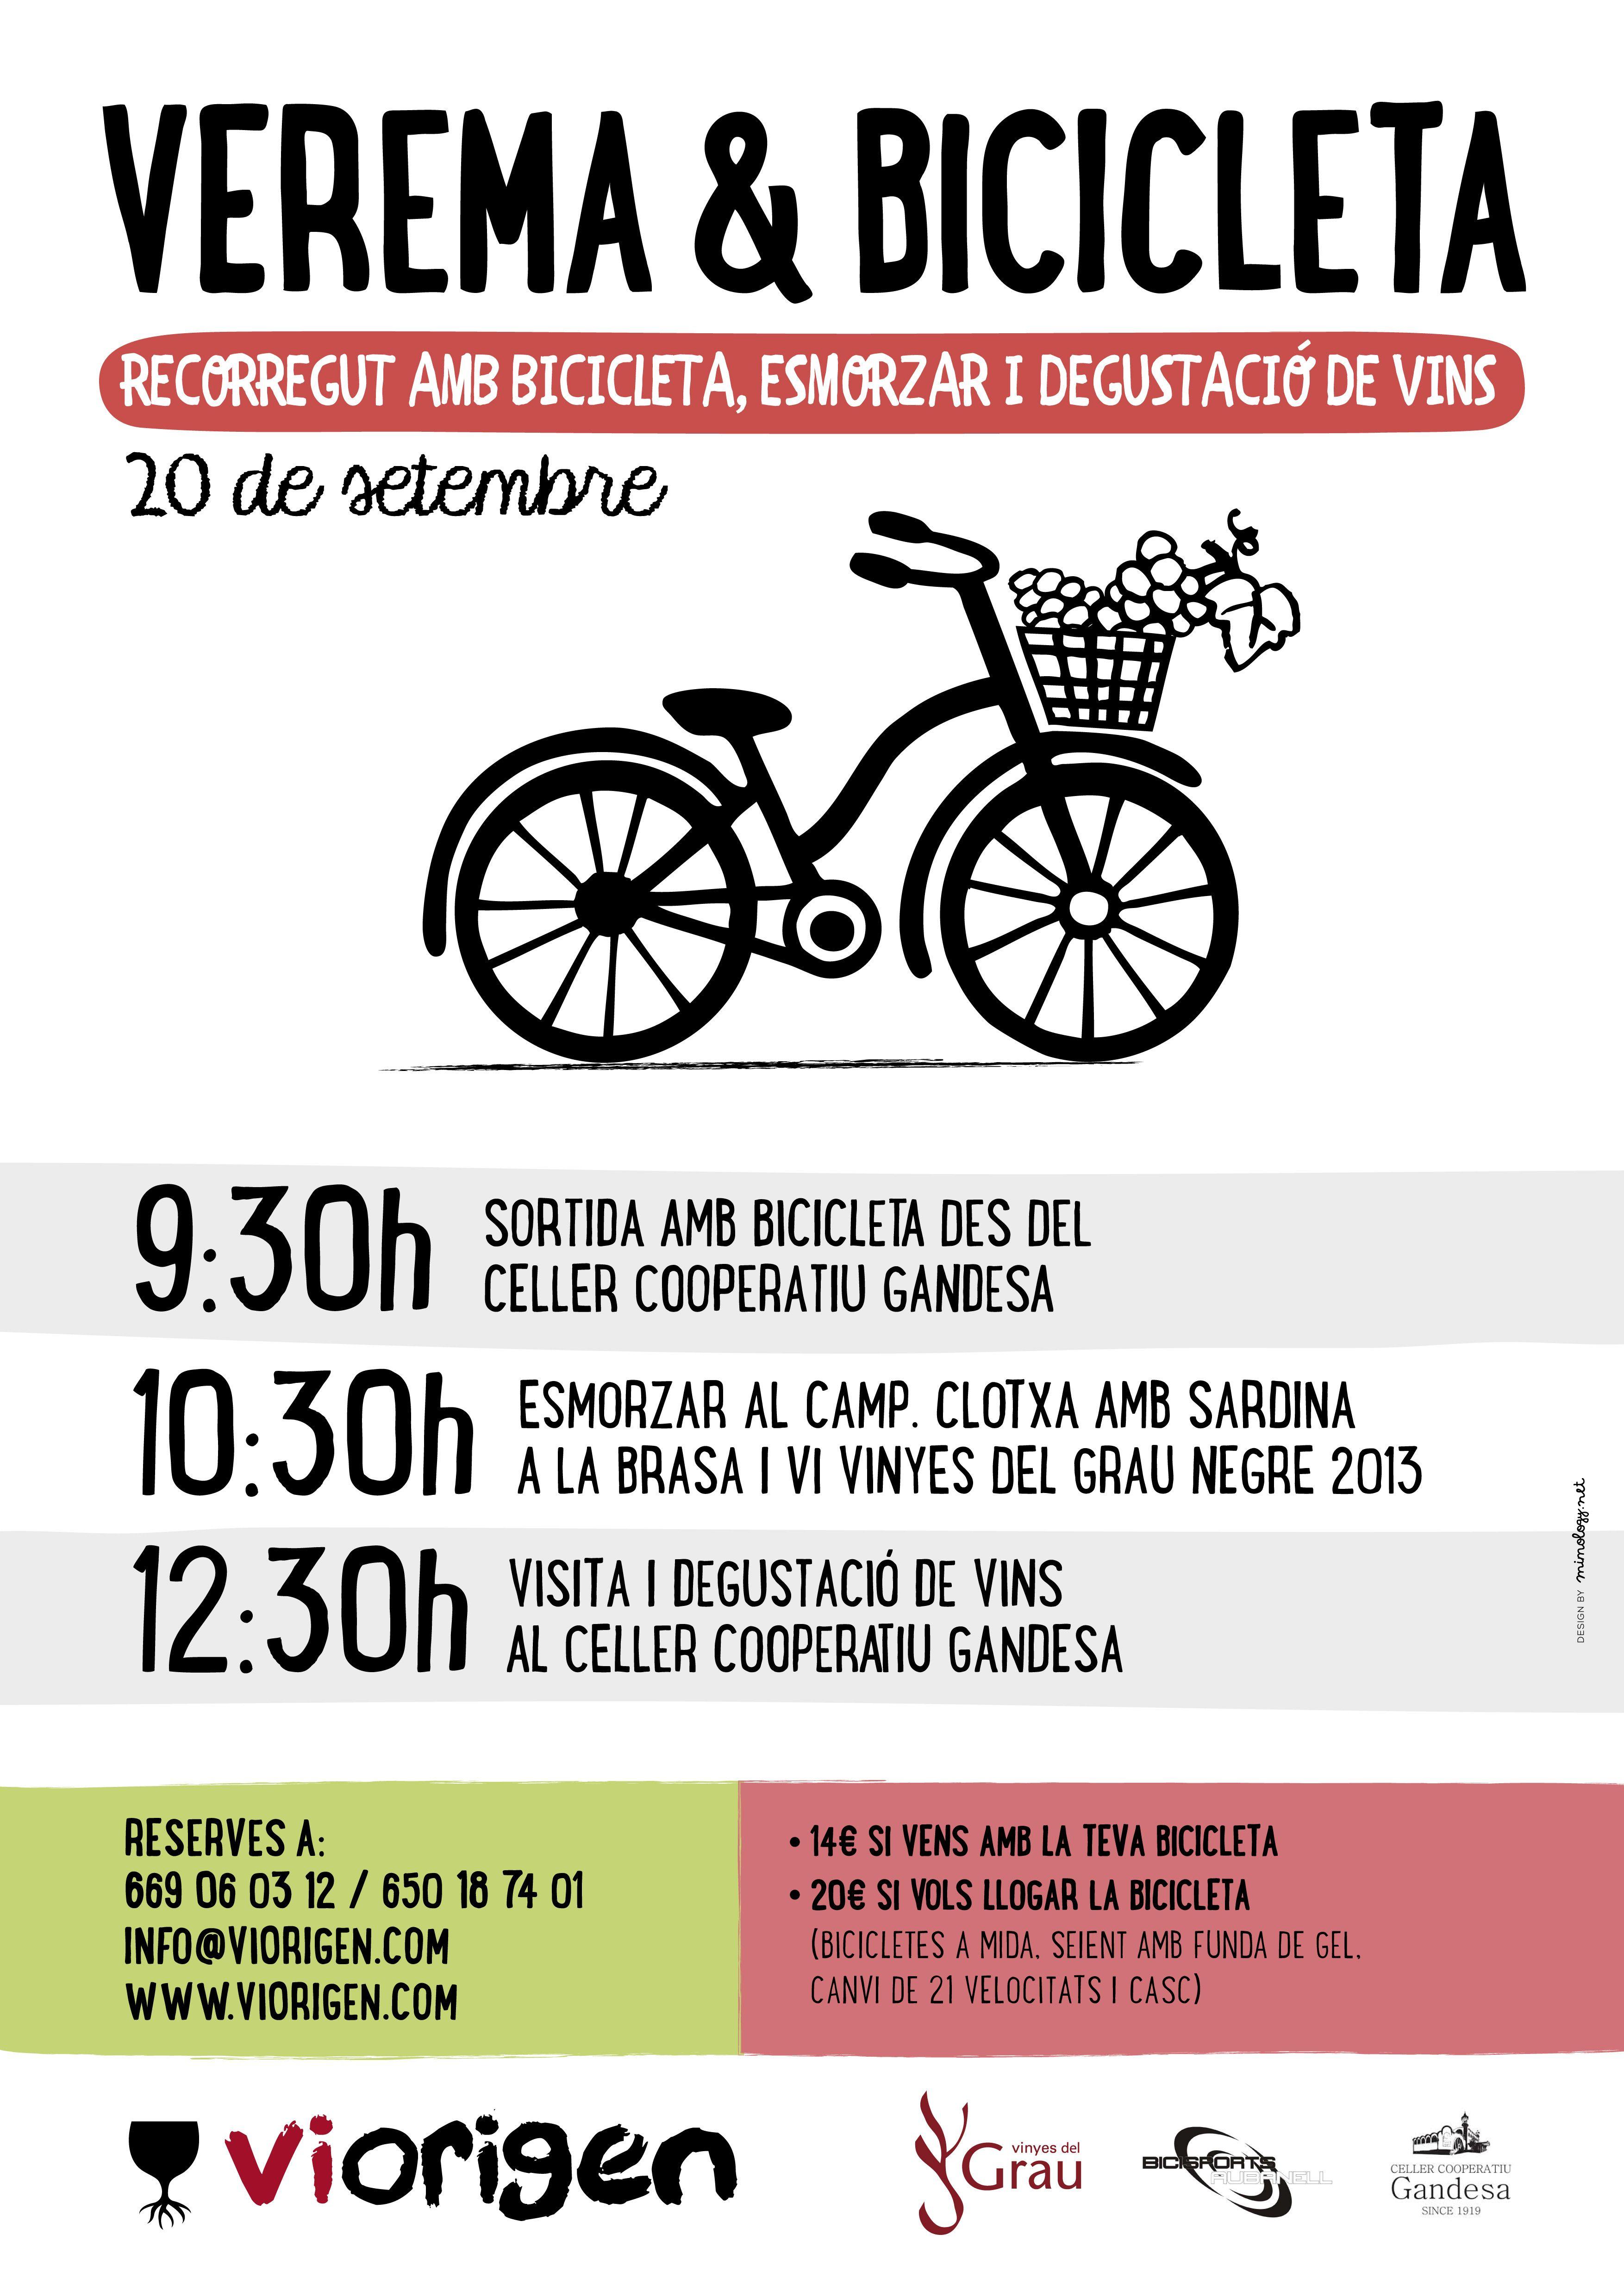 Ruta amb bicicleta, clotxa i temps de verema. Més informació a www.viorigen.com